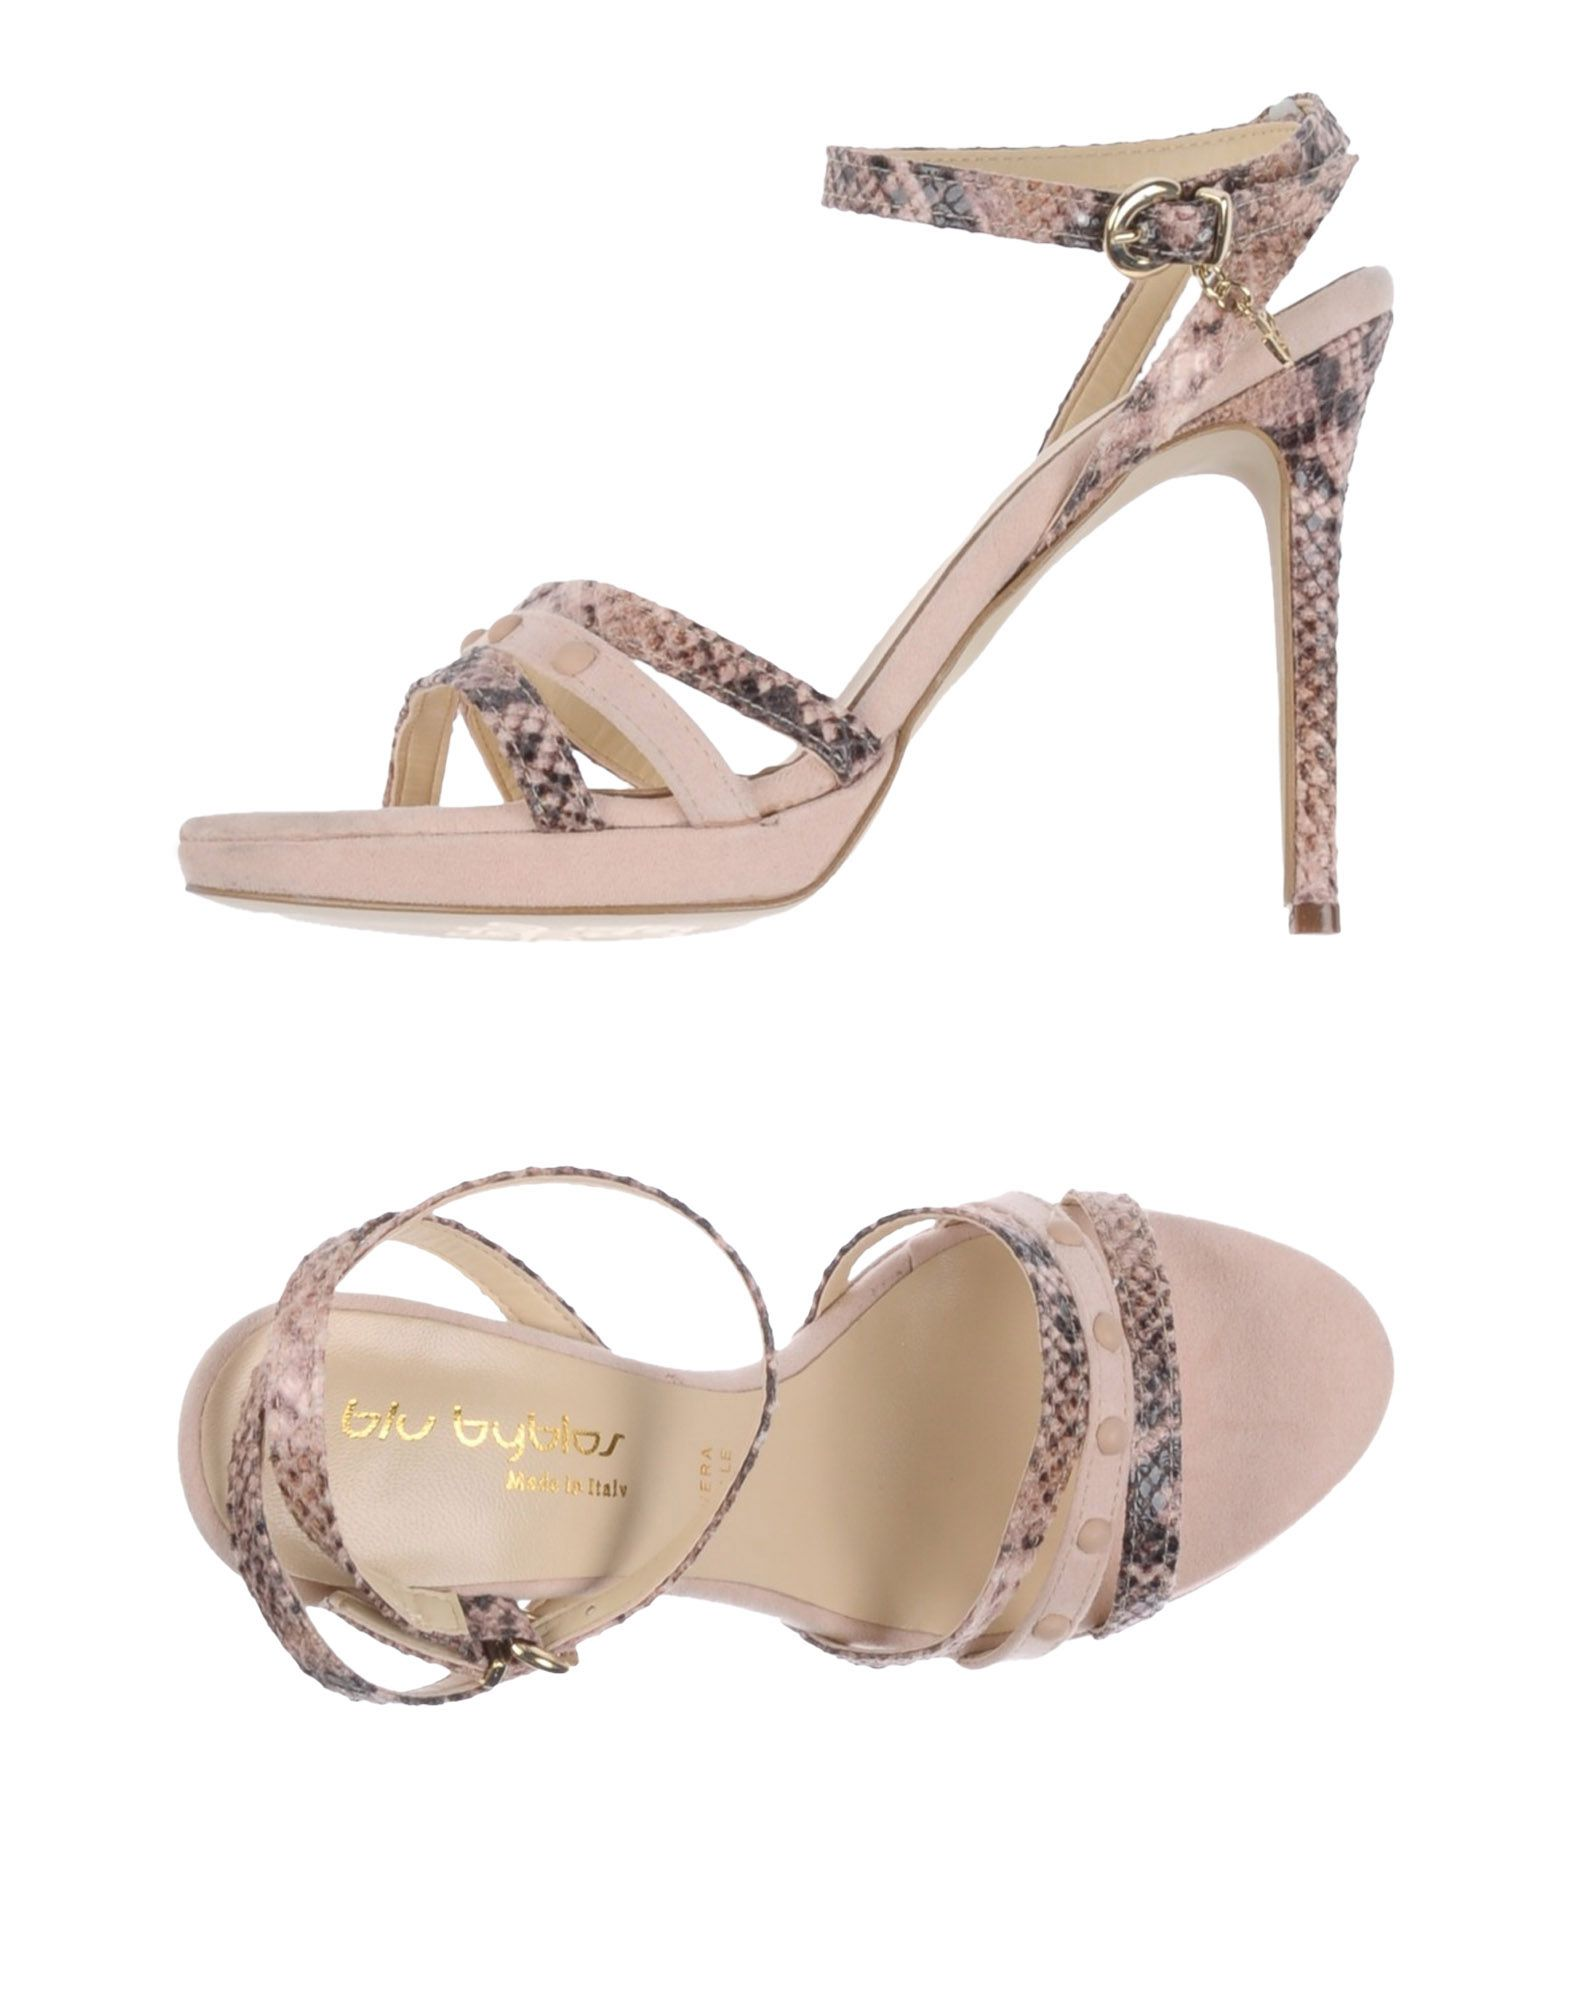 Sandales Blu Byblos Femme - Sandales Blu Byblos sur